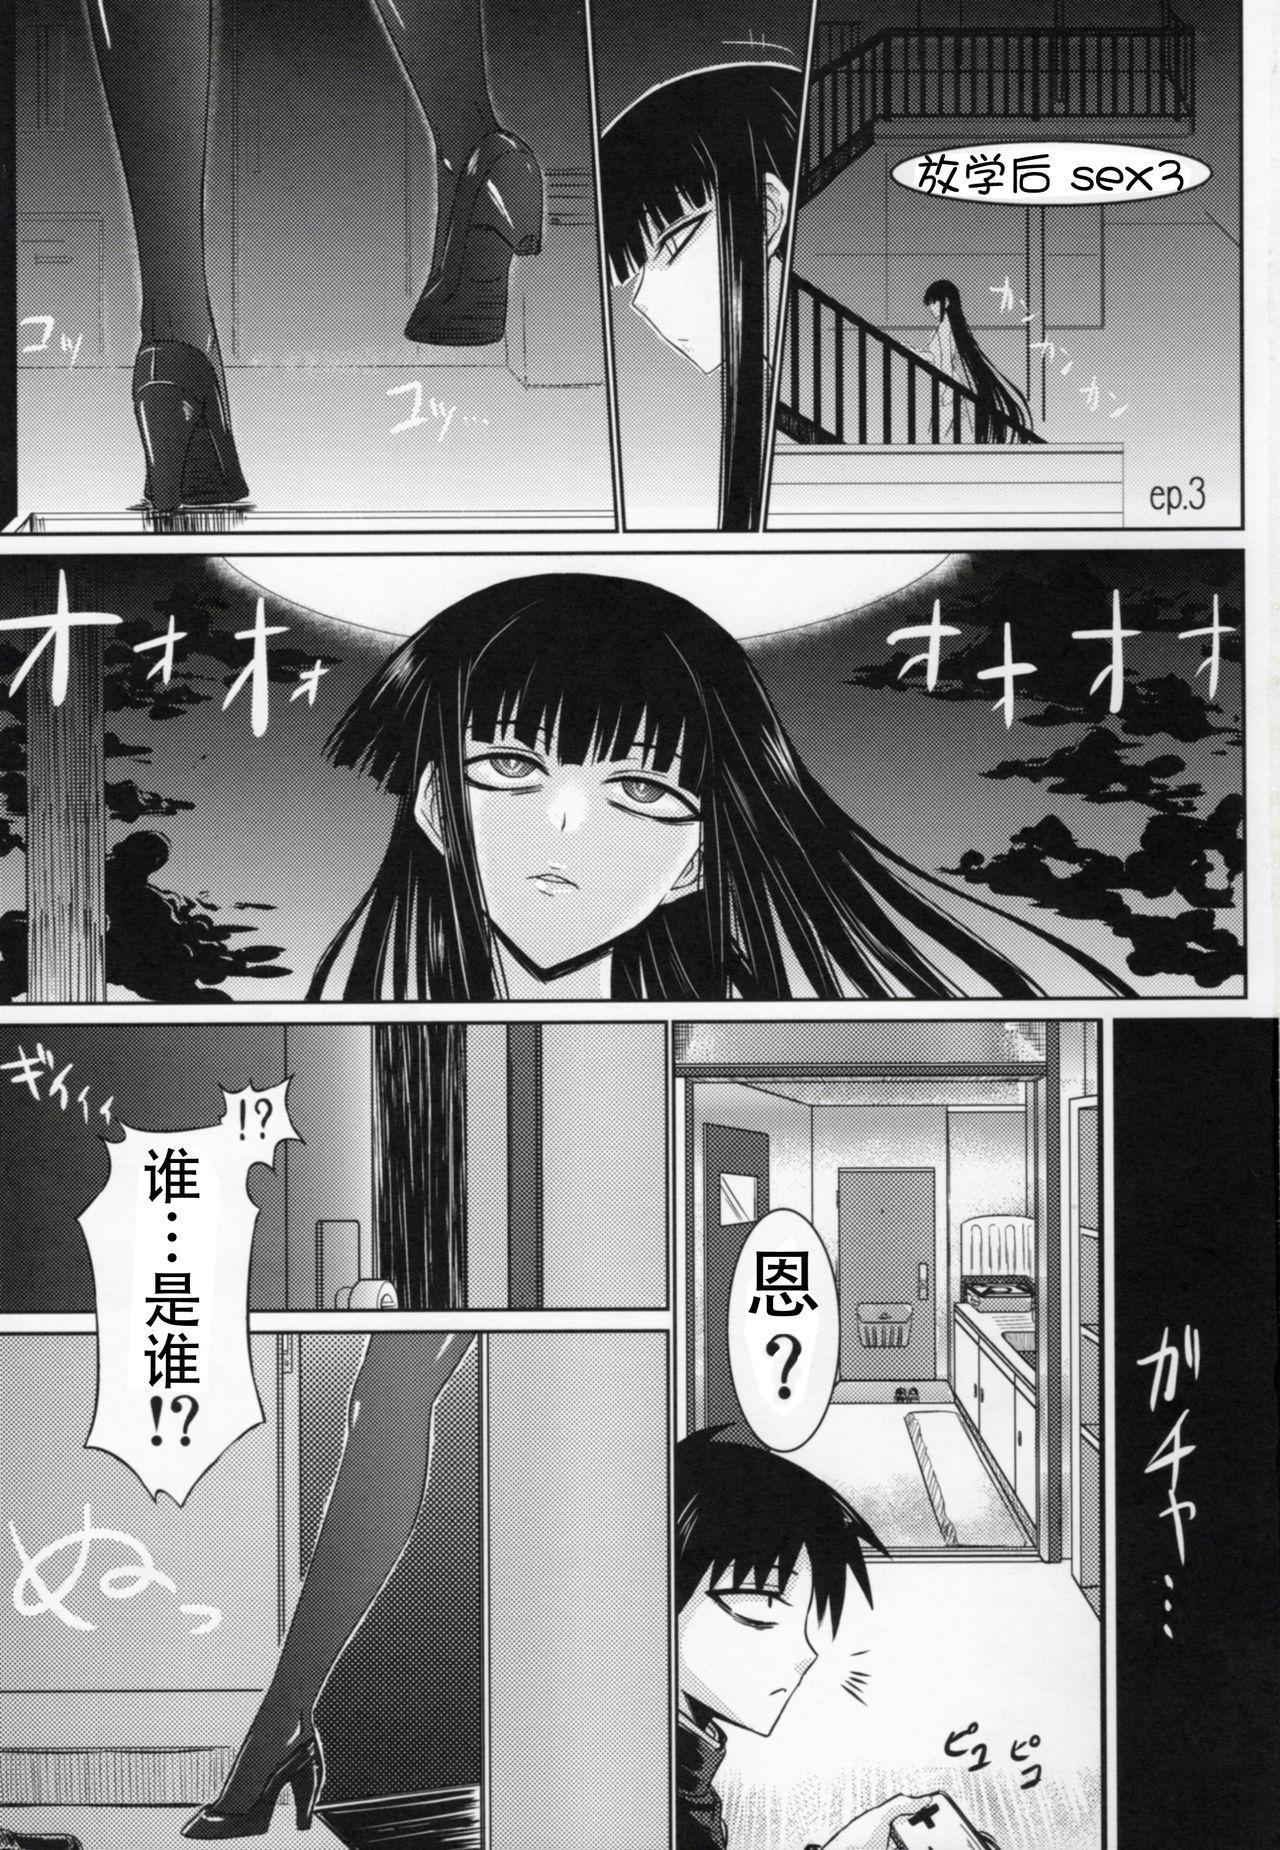 Houkago Sex 3 2